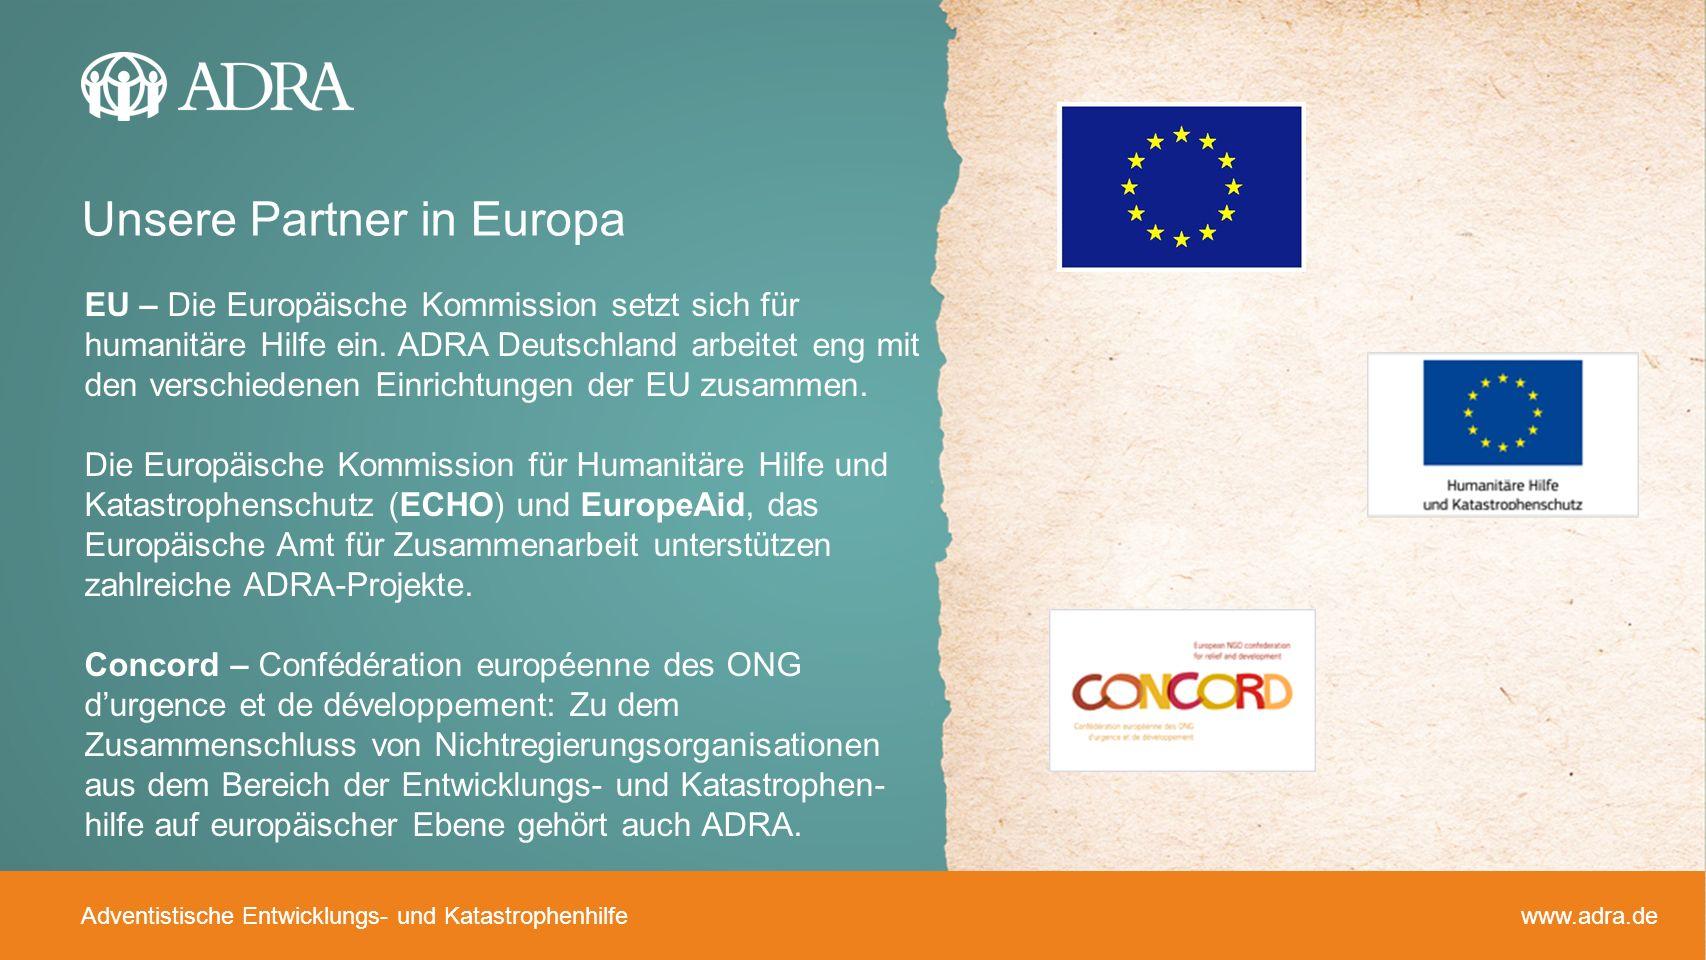 Adventistische Entwicklungs- und Katastrophenhilfe www.adra.de Auswärtiges Amt ADRA Deutschland ist Mitglied im Koordinierungs- ausschuss Humanitäre Hilfe des Auswärtigen Amts.